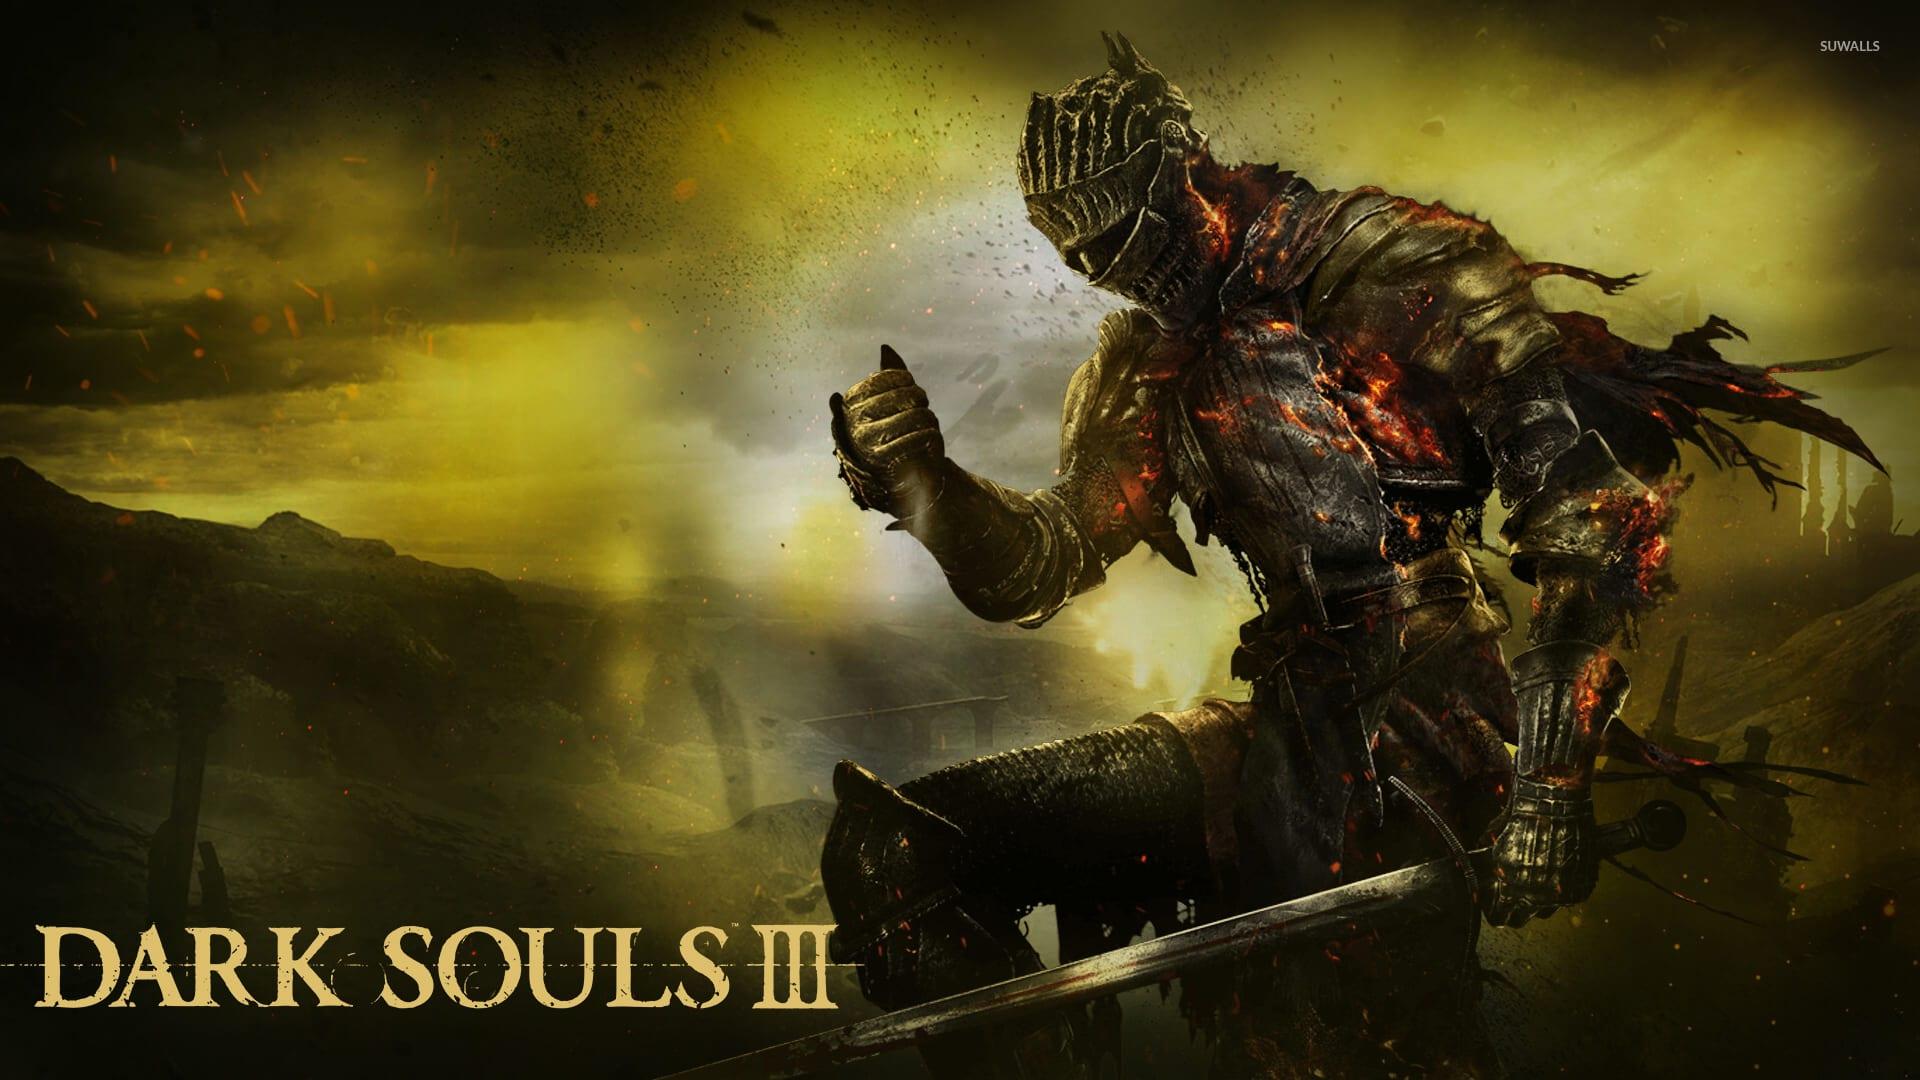 dark souls III, sales fromsoftware, bandai